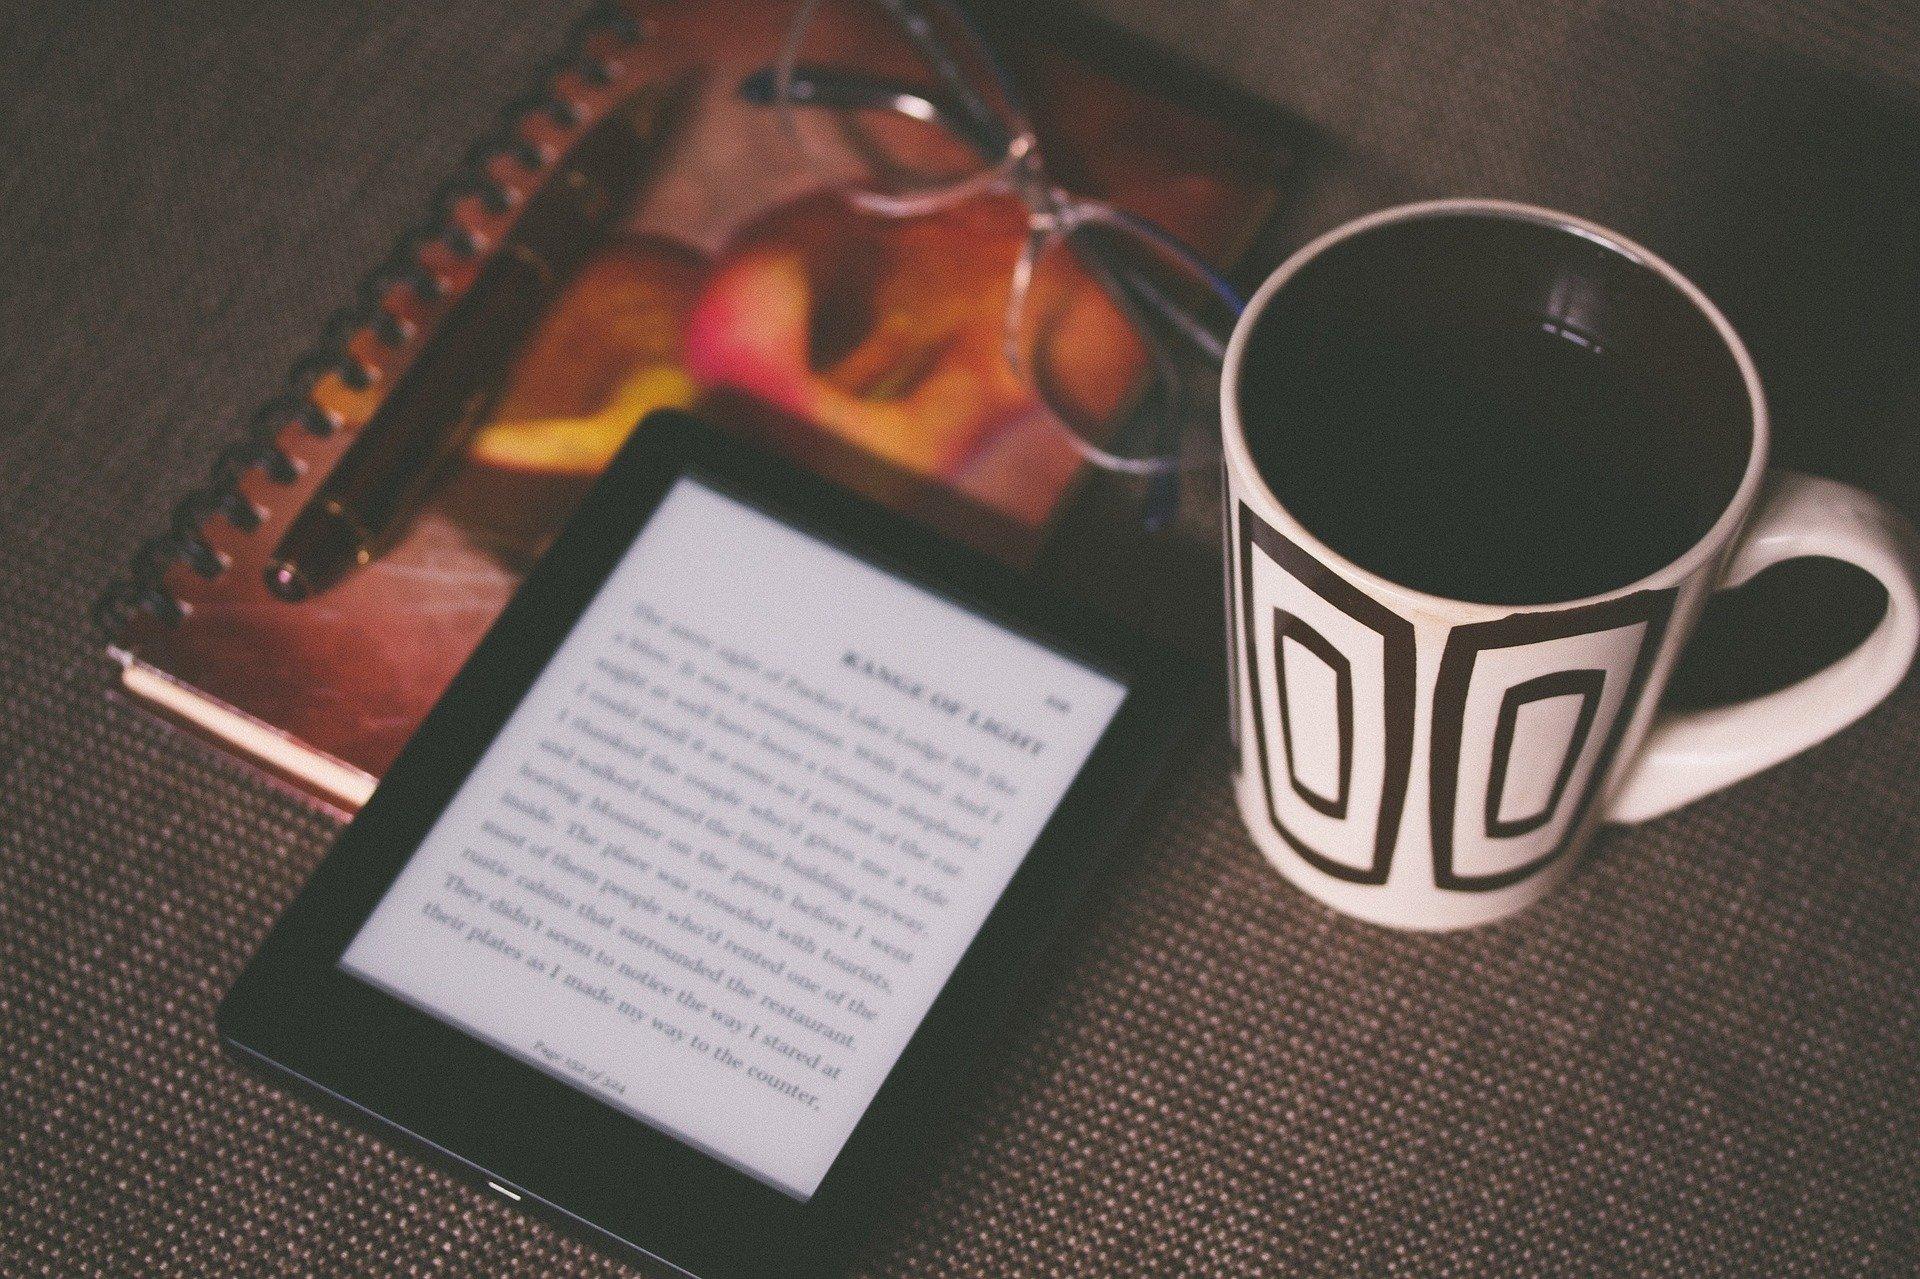 publier-un-ebook-media-web-plaisir-et-bien-etre-quebec